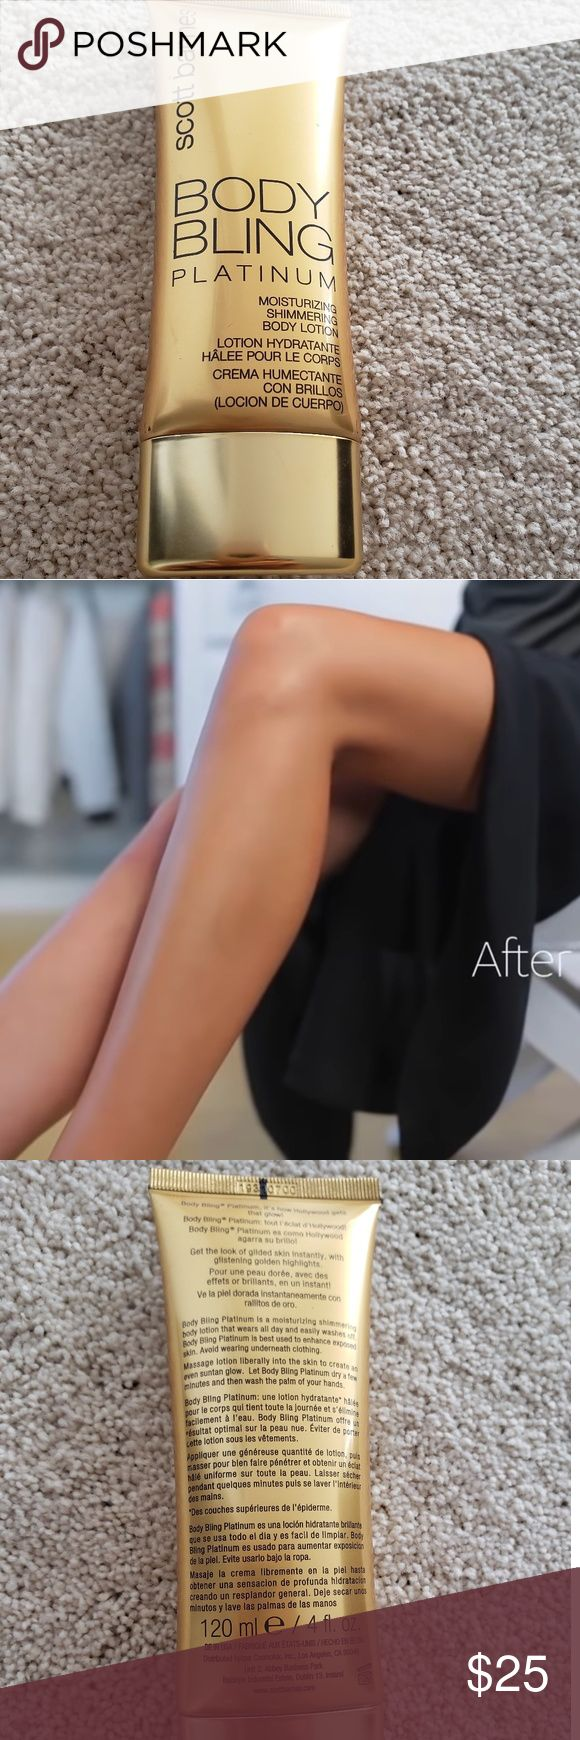 SCOTT BARNES BODY BLING PLATINUM Shimmer body lotion